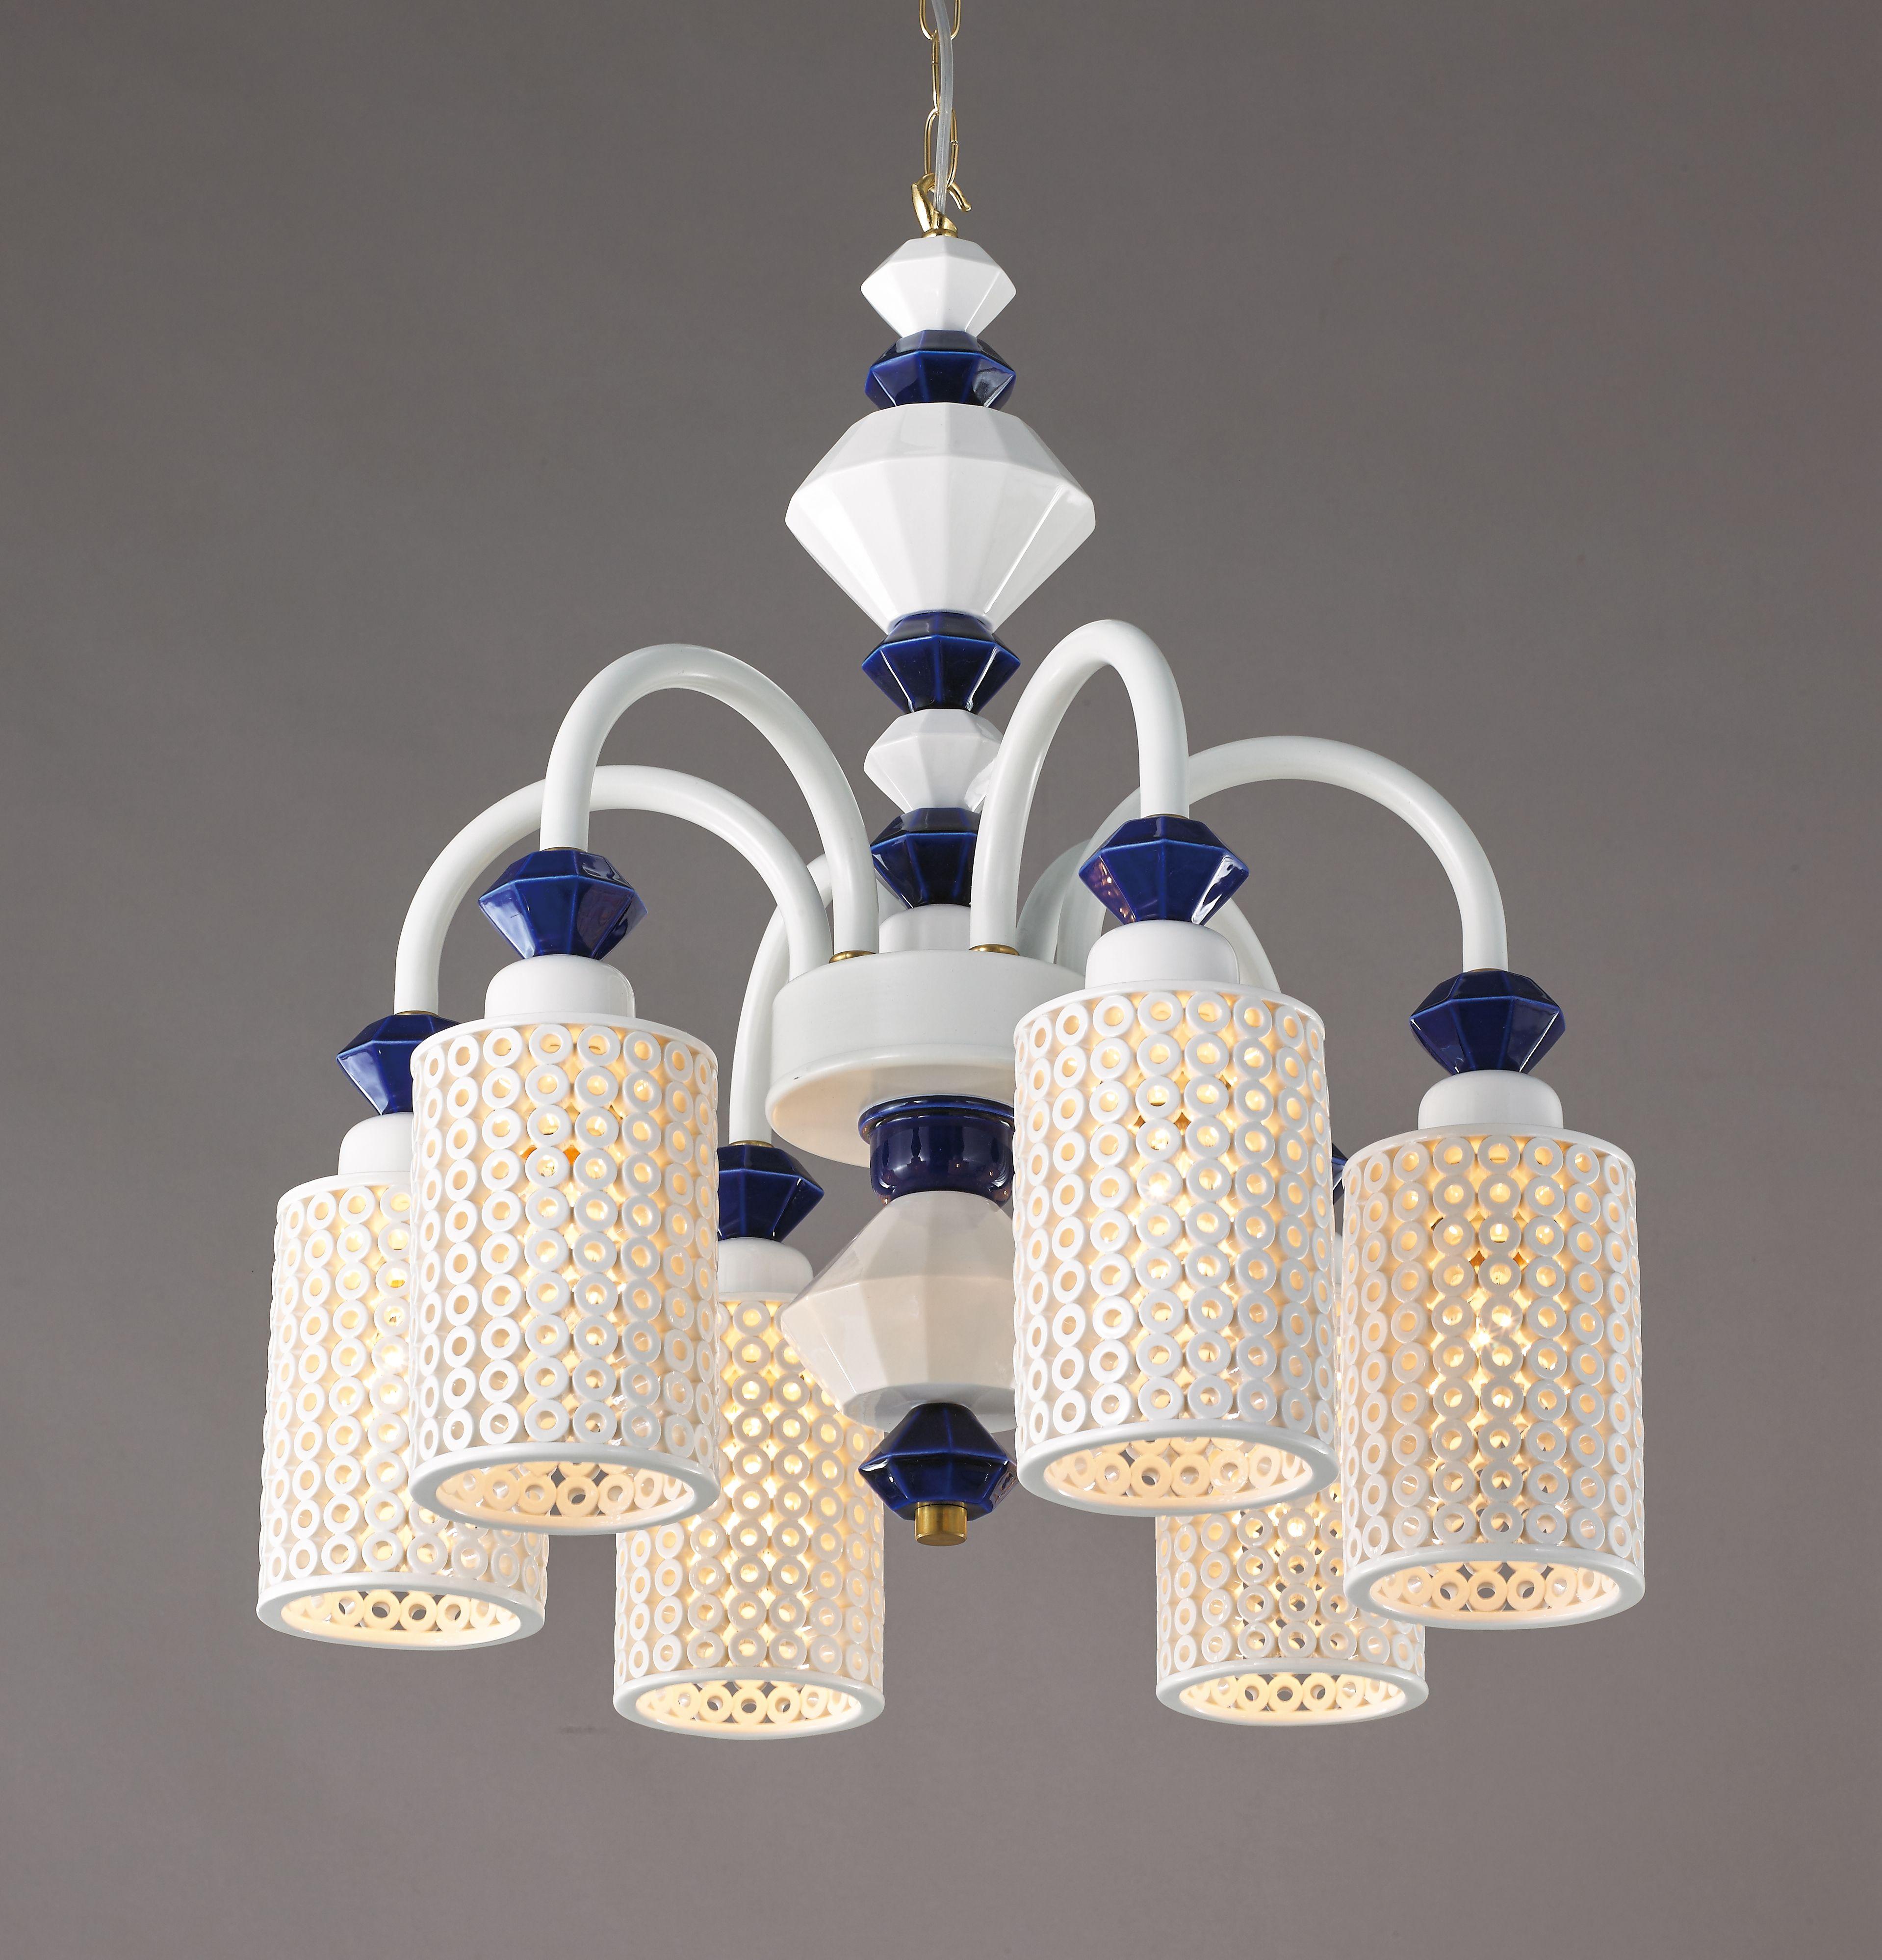 Ceramic Lighting Fixture